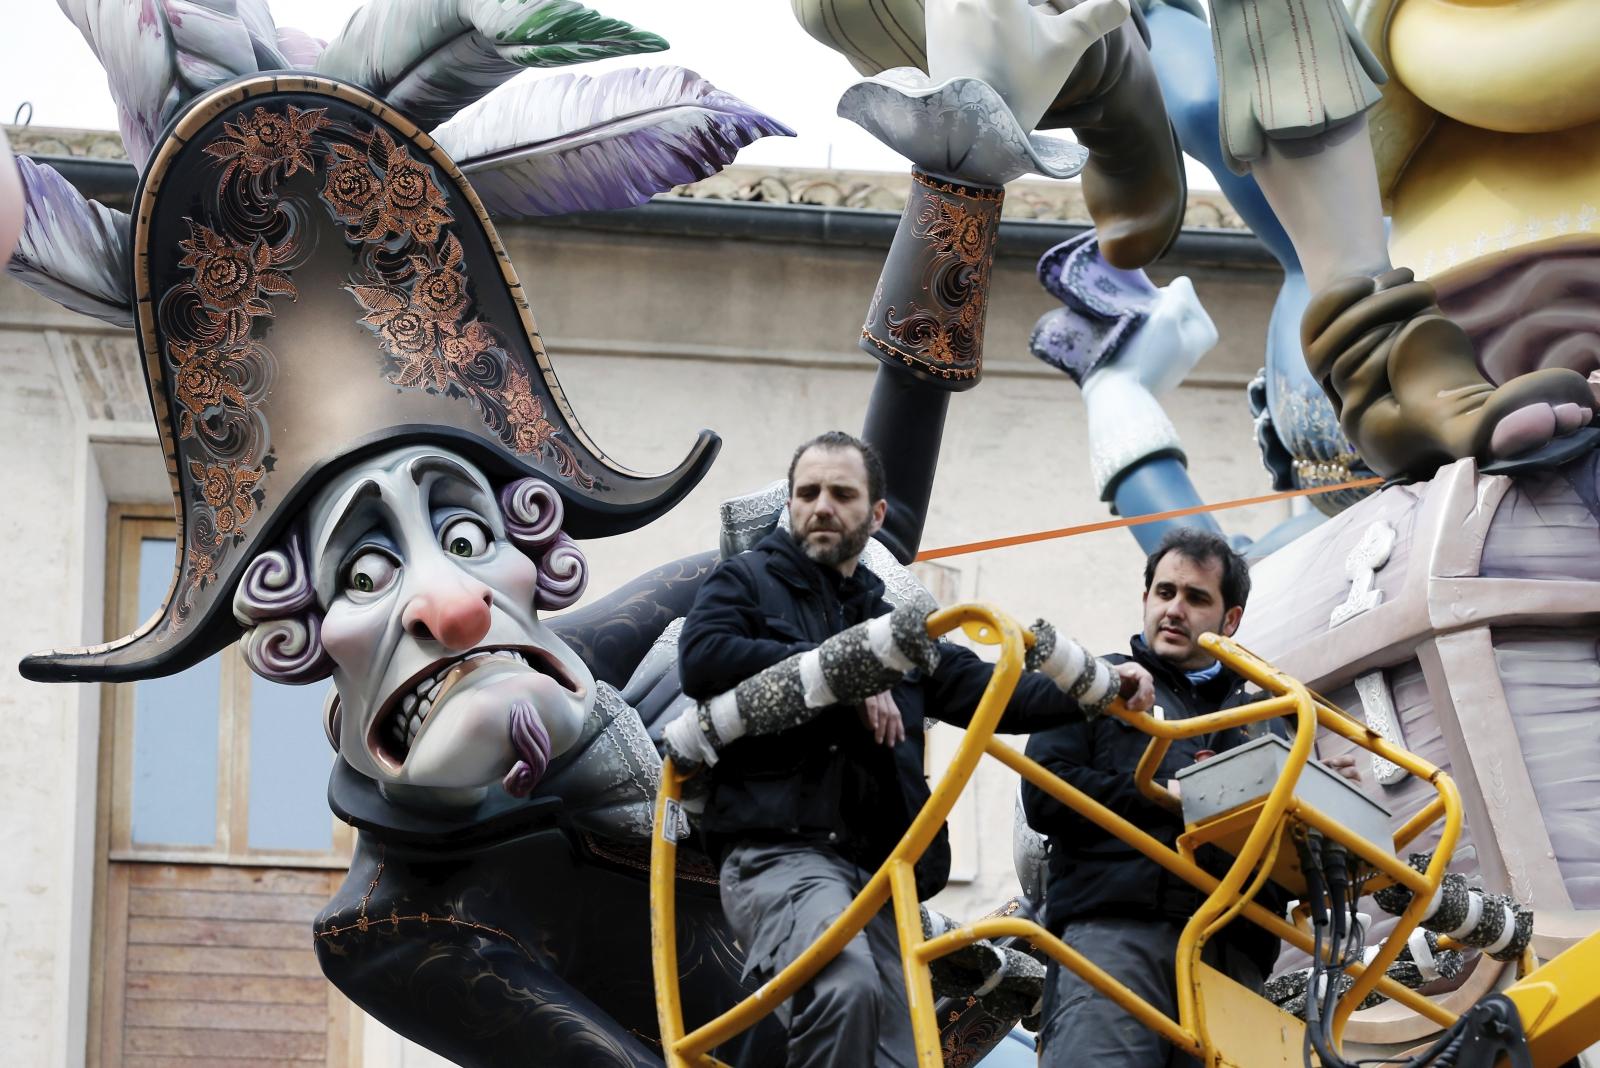 Artyści pracują nad zniszczonymi w wyniku złej pogody drewnianymi rzeźbami w Walencji, Hiszpania.